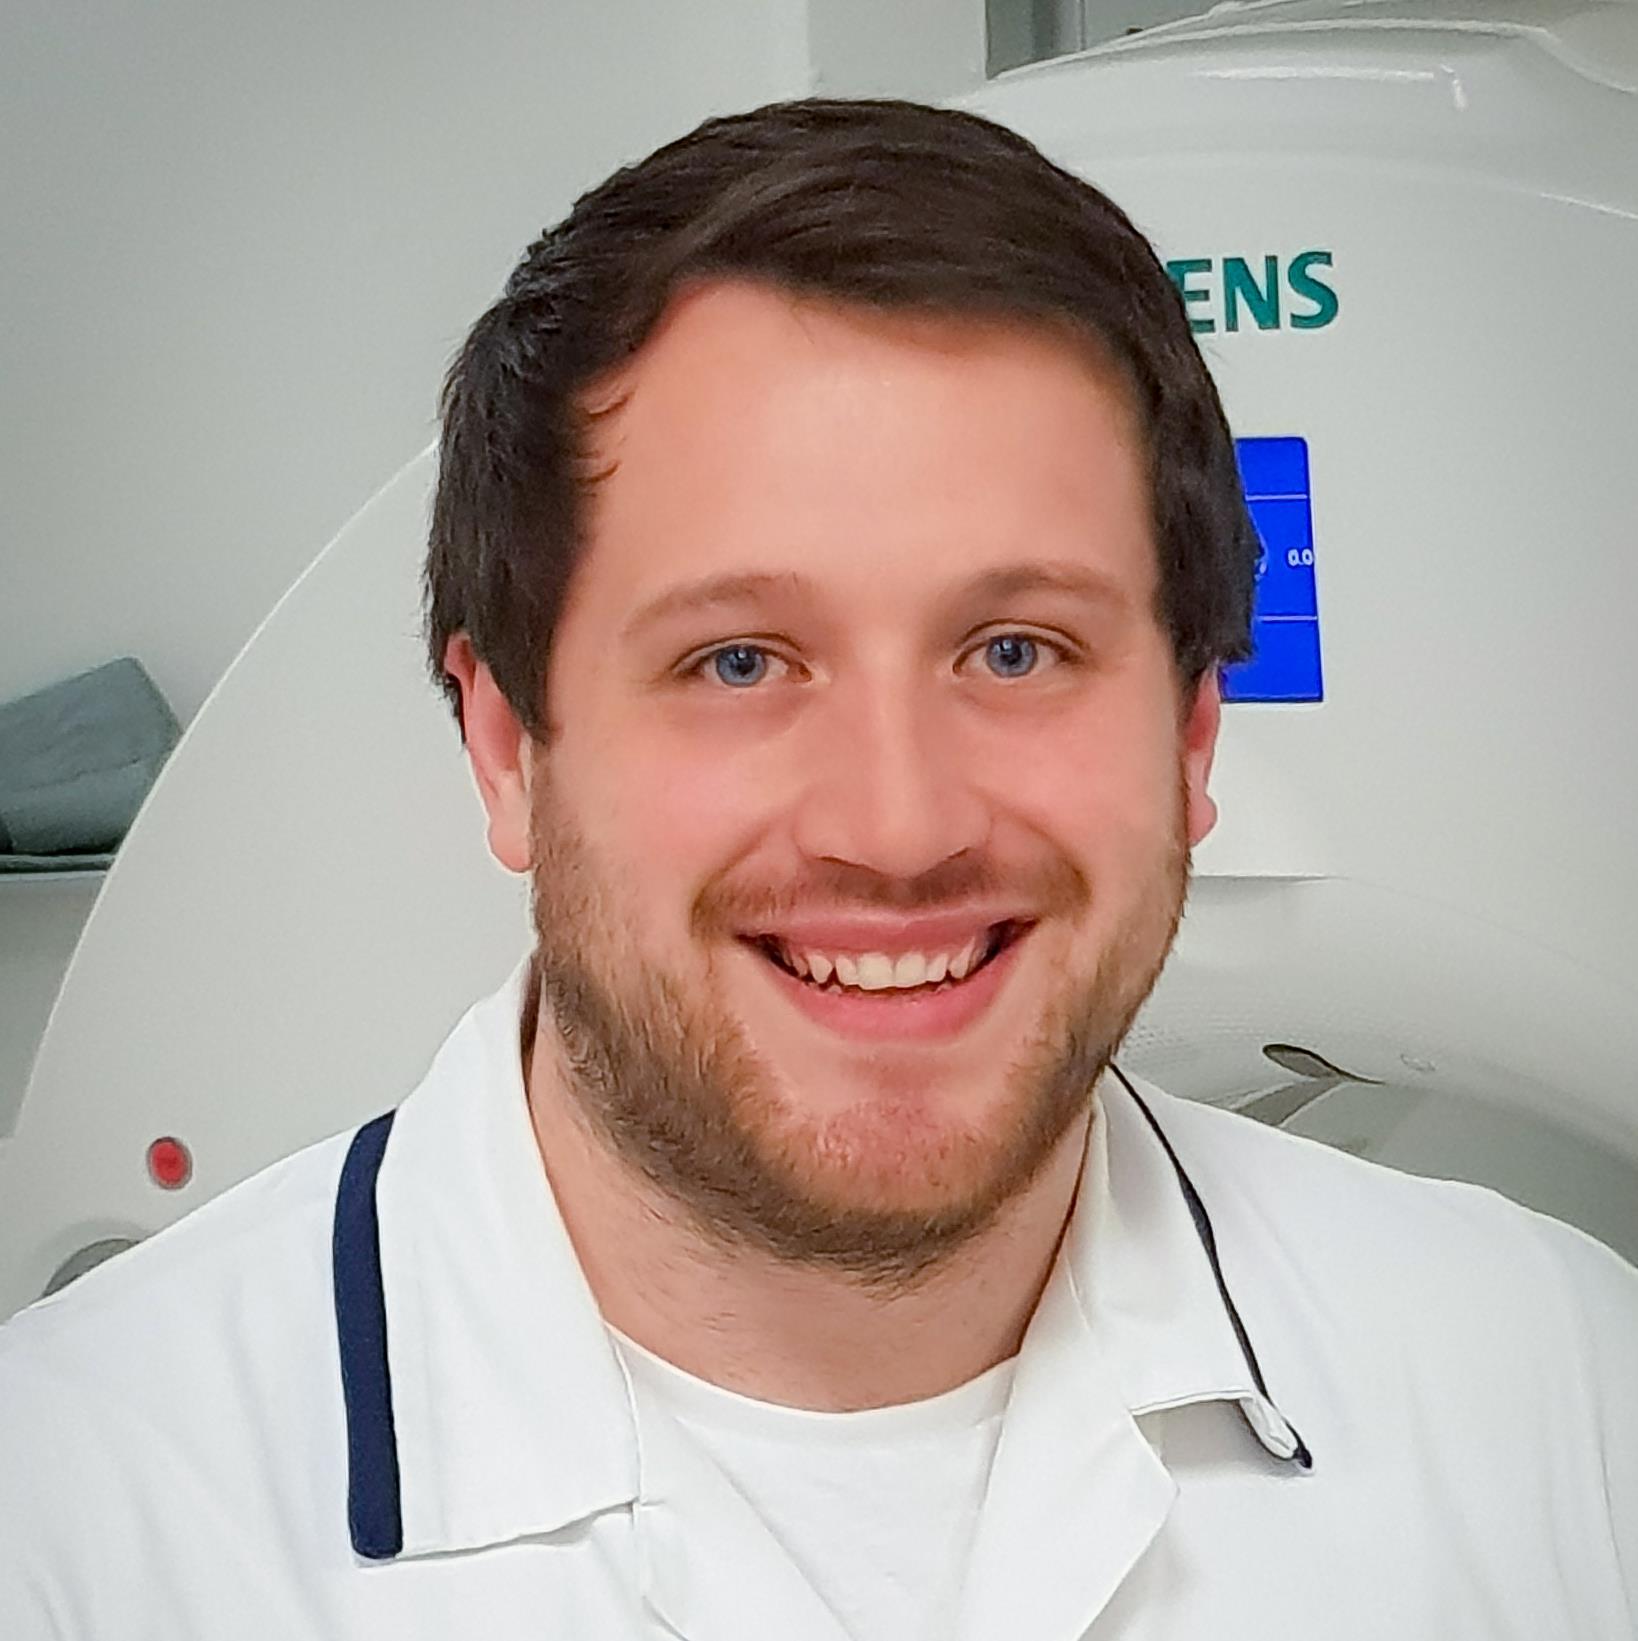 Thomas Welton